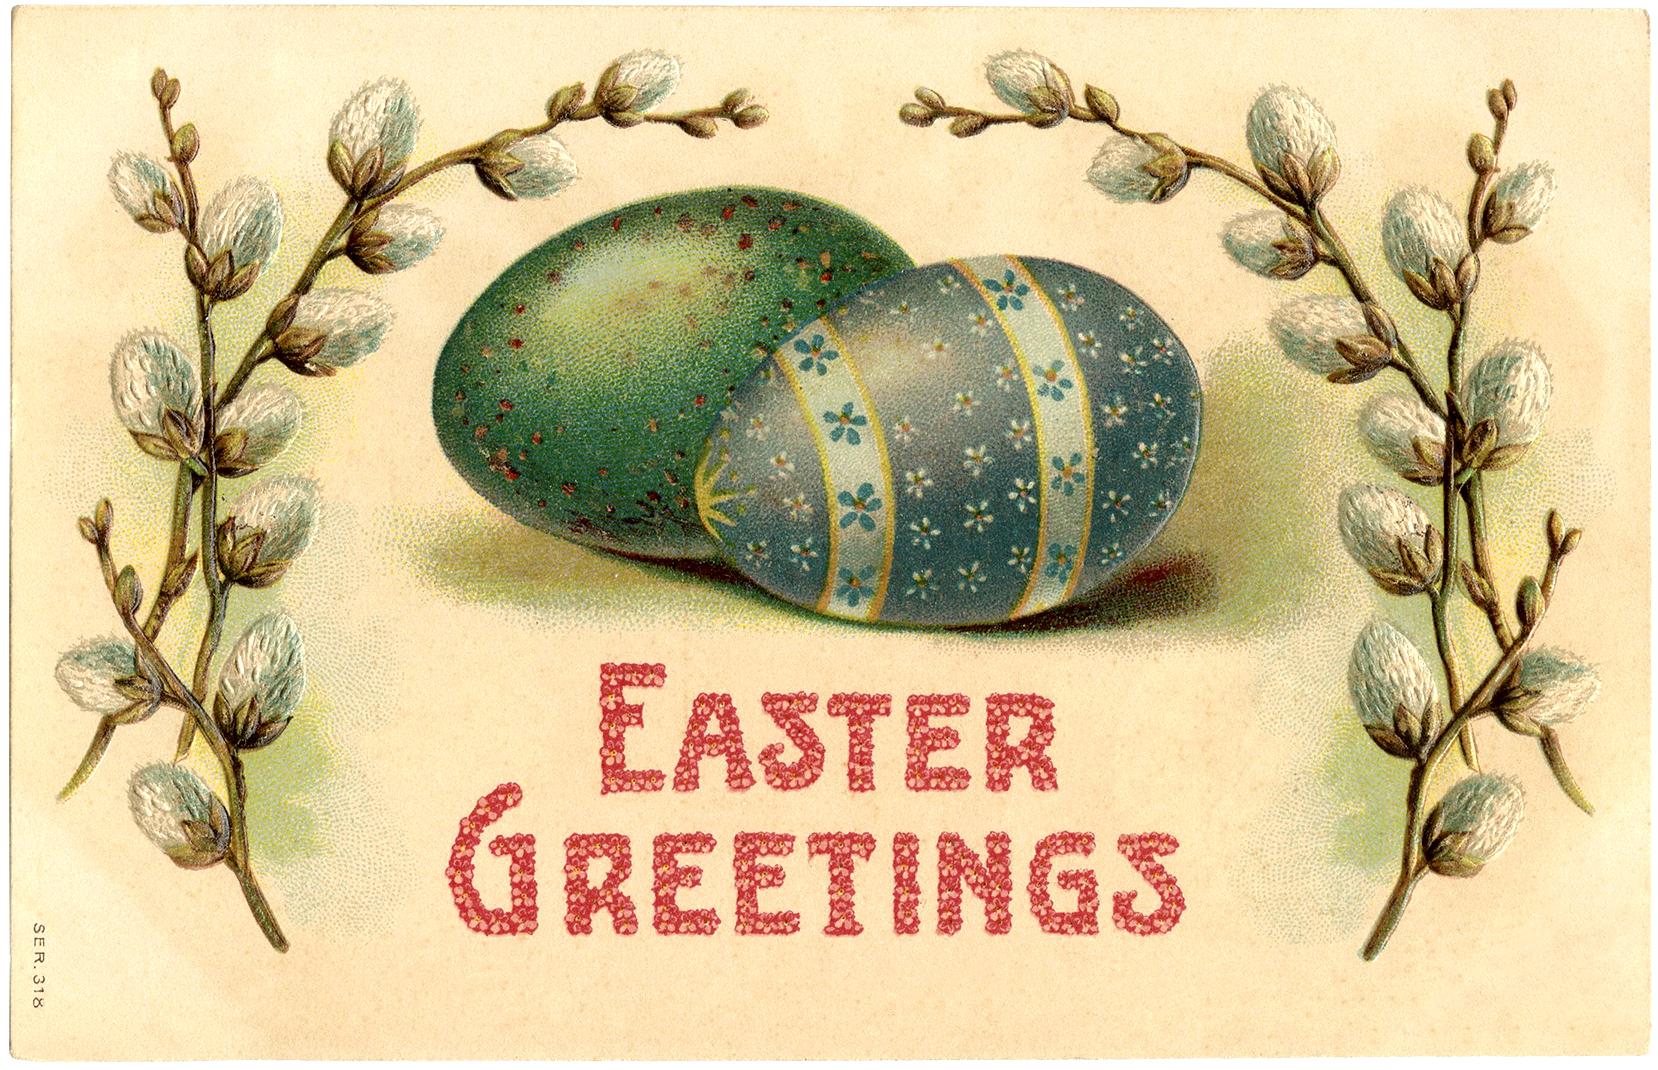 Винтажная пасхальная открытка с изображением крашенных яиц и вербы